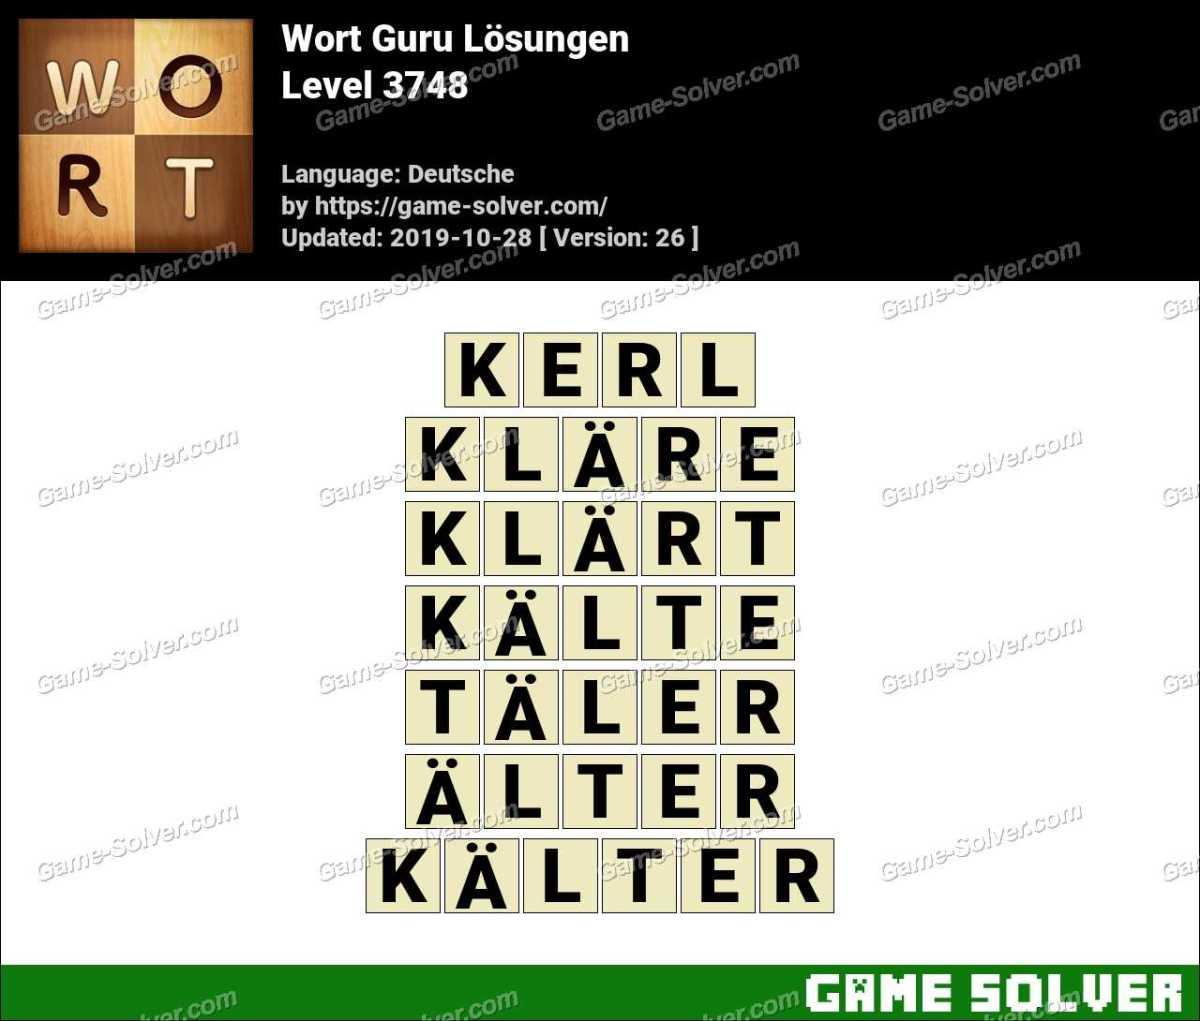 Wort Guru Level 3748 Lösungen